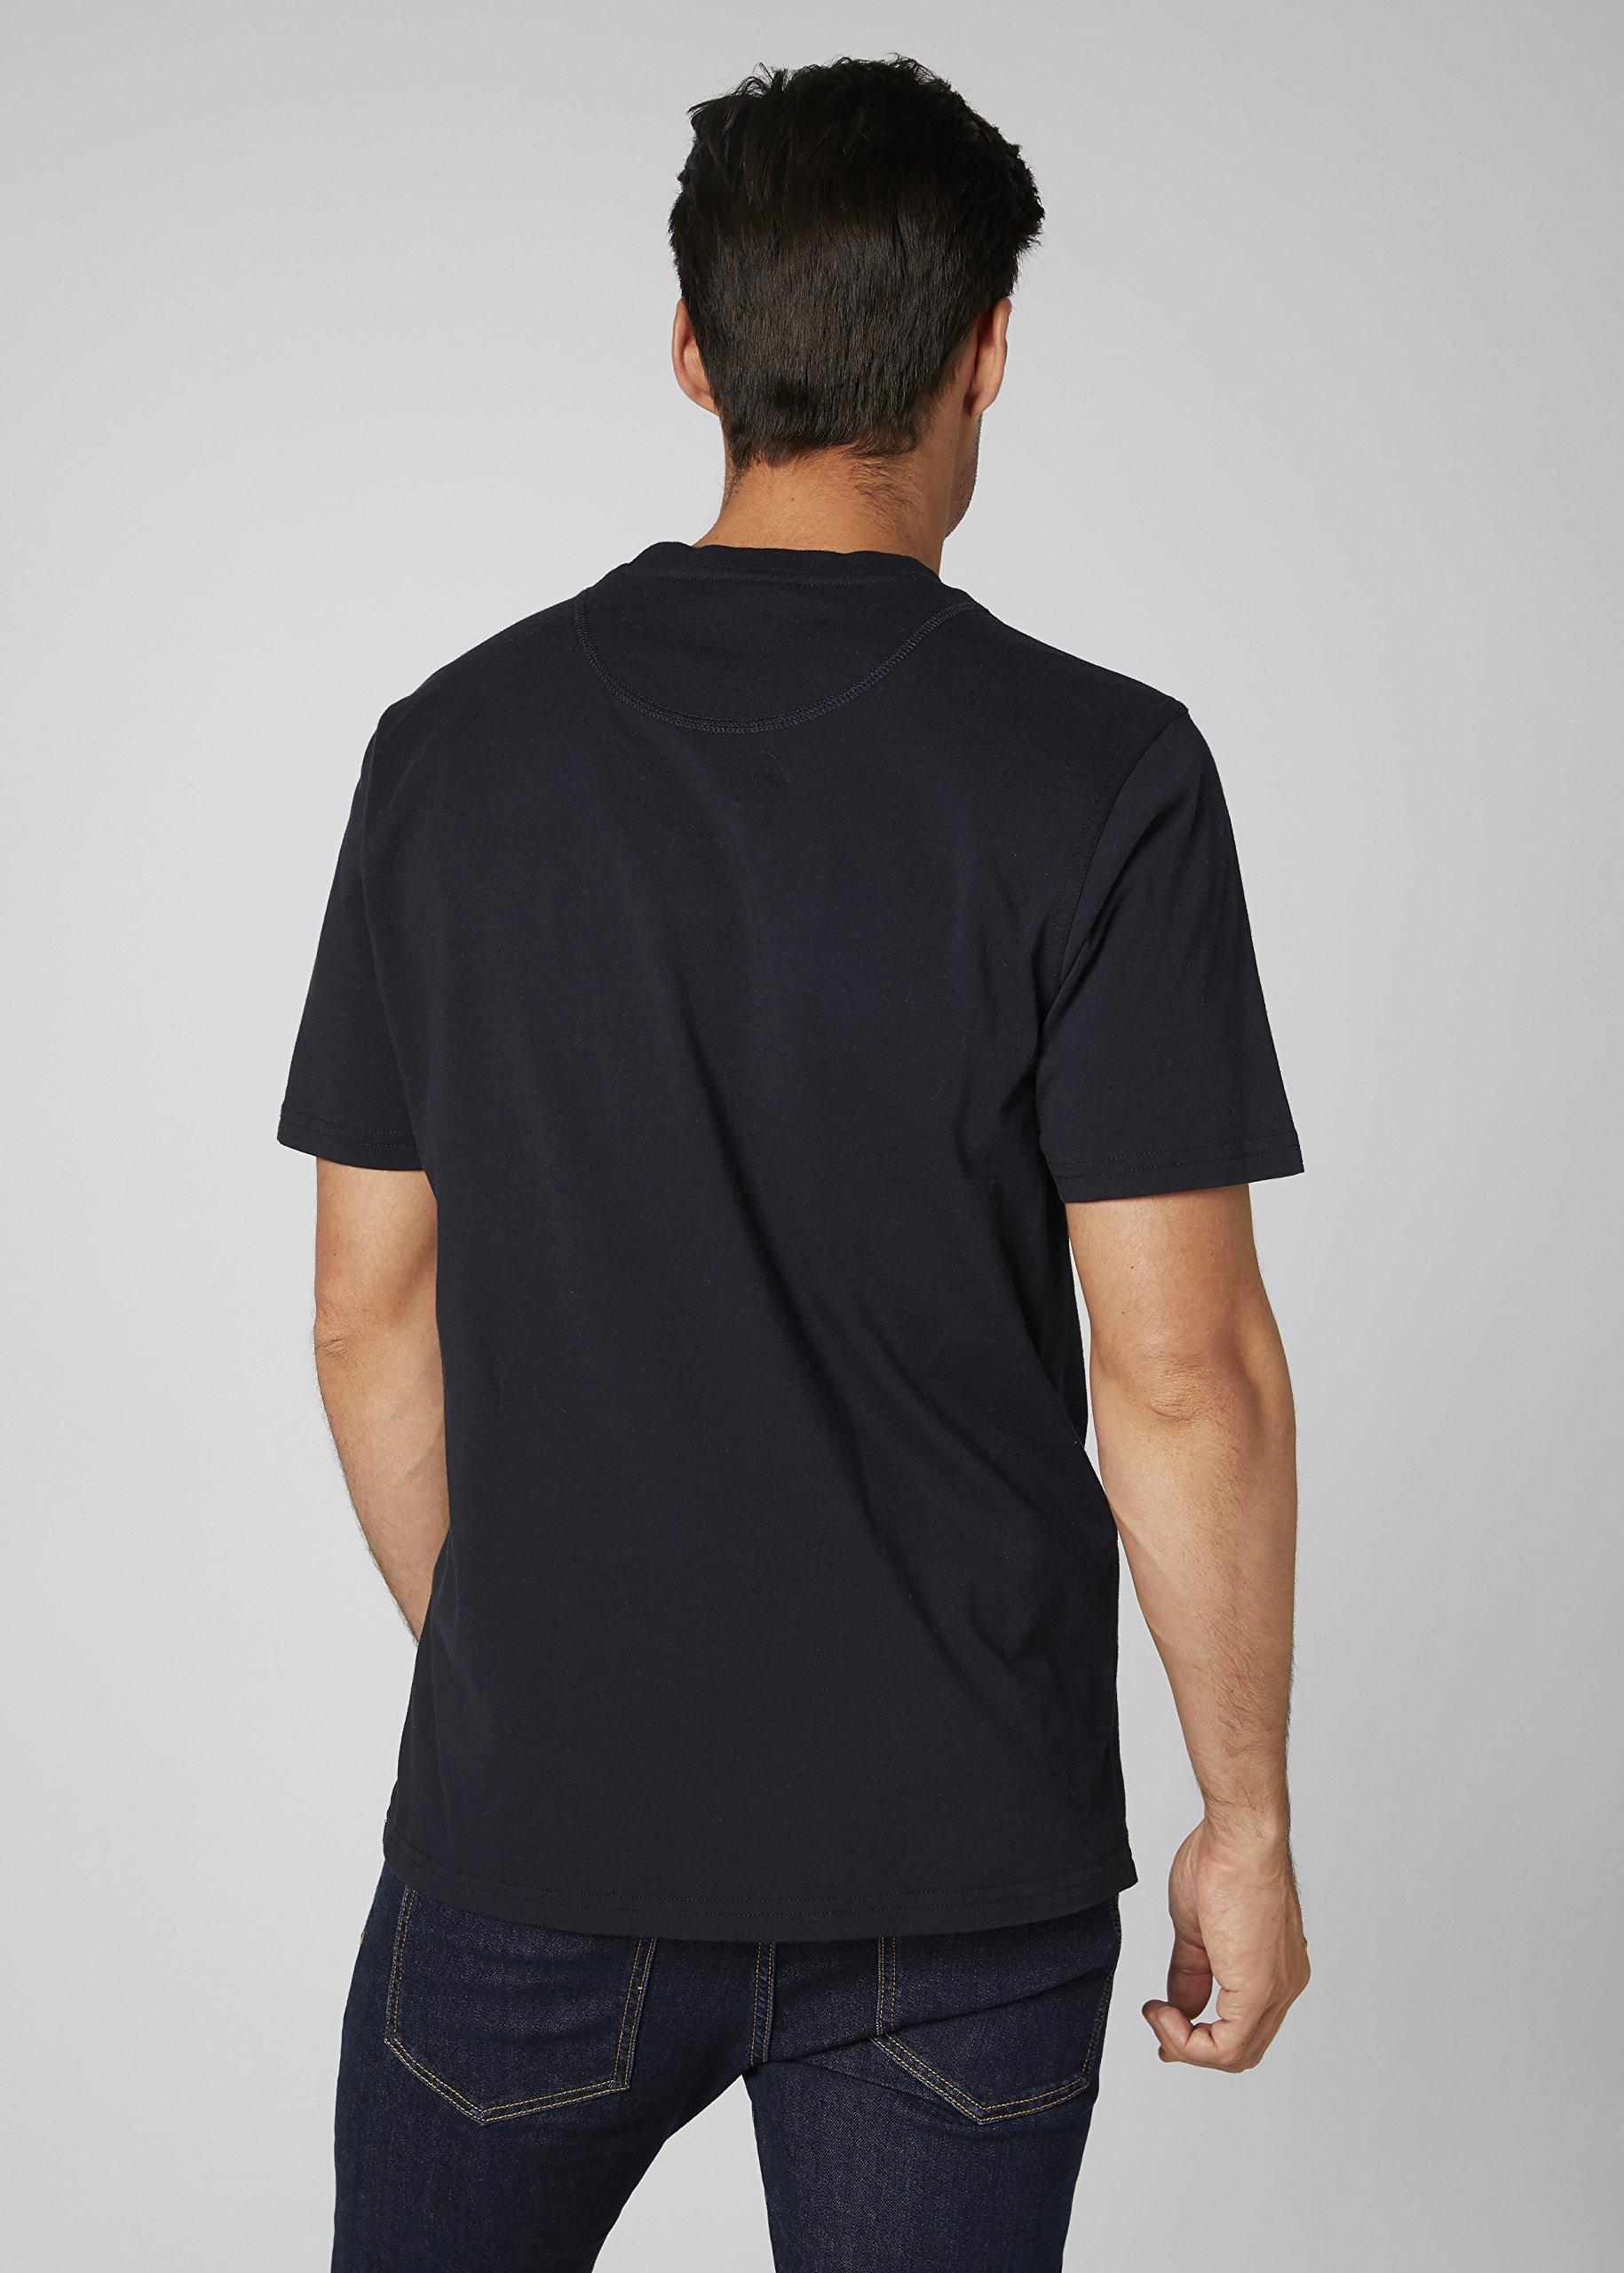 813SbQ6onhL - Helly Hansen Men's Hh Norse Ss t-Shirt